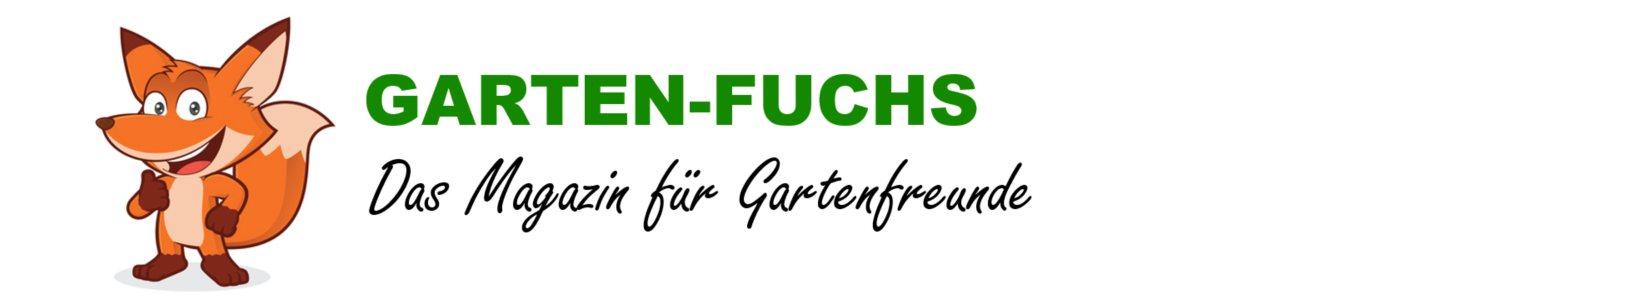 garten-fuchs.org